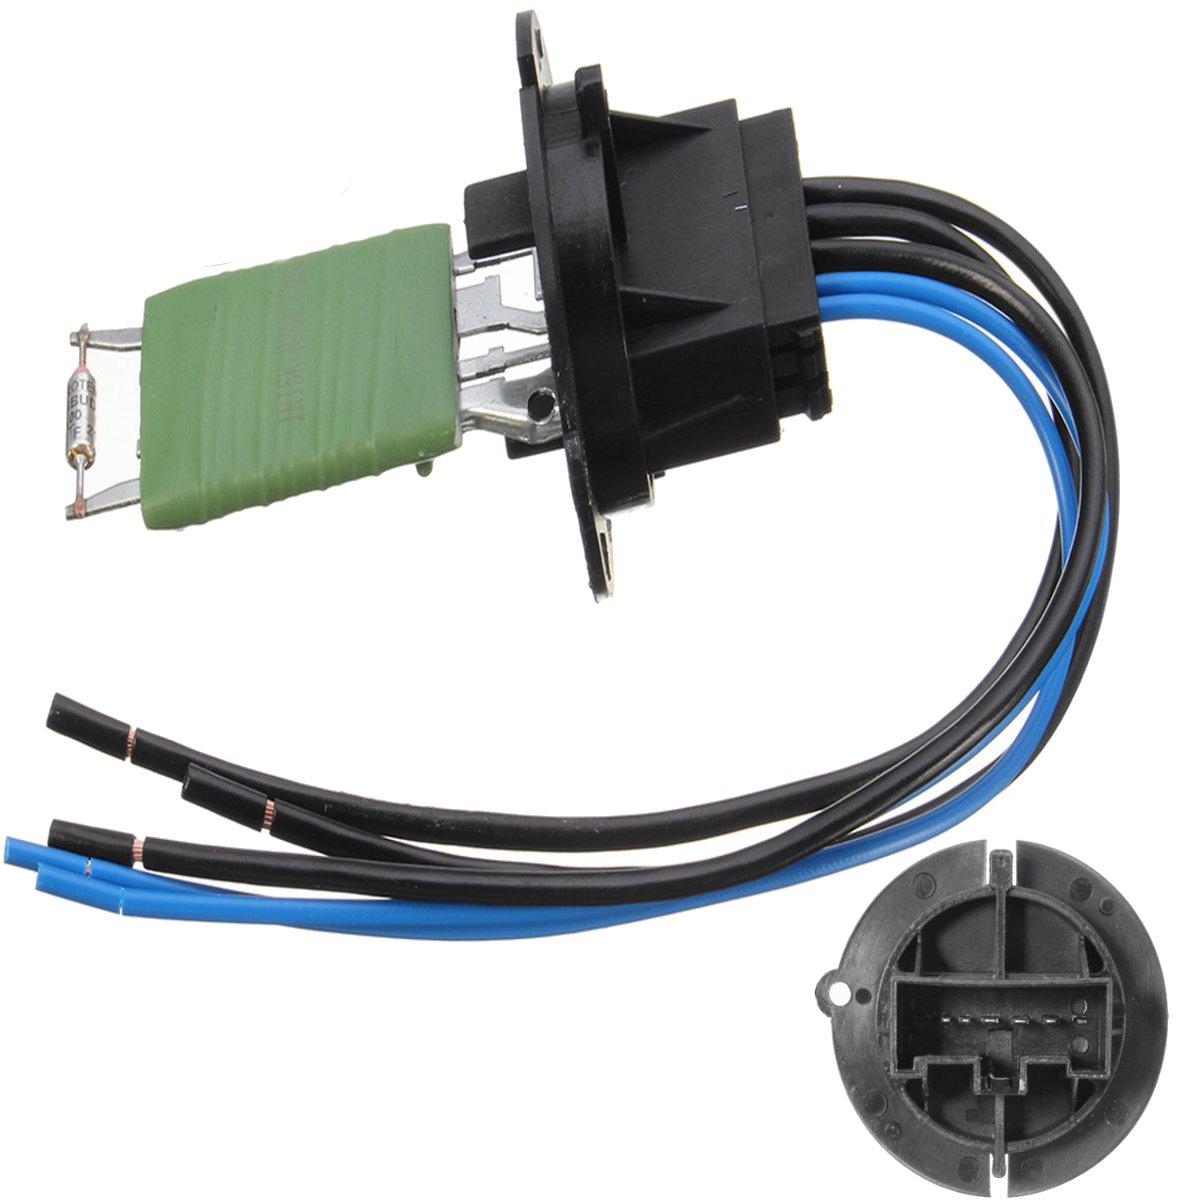 Resistor Aquecedor do carro Conector E Cablagem 6445ZL 6445KL C3 6450JP Para Peugeot 206 307 Citroen Xsara Picasso